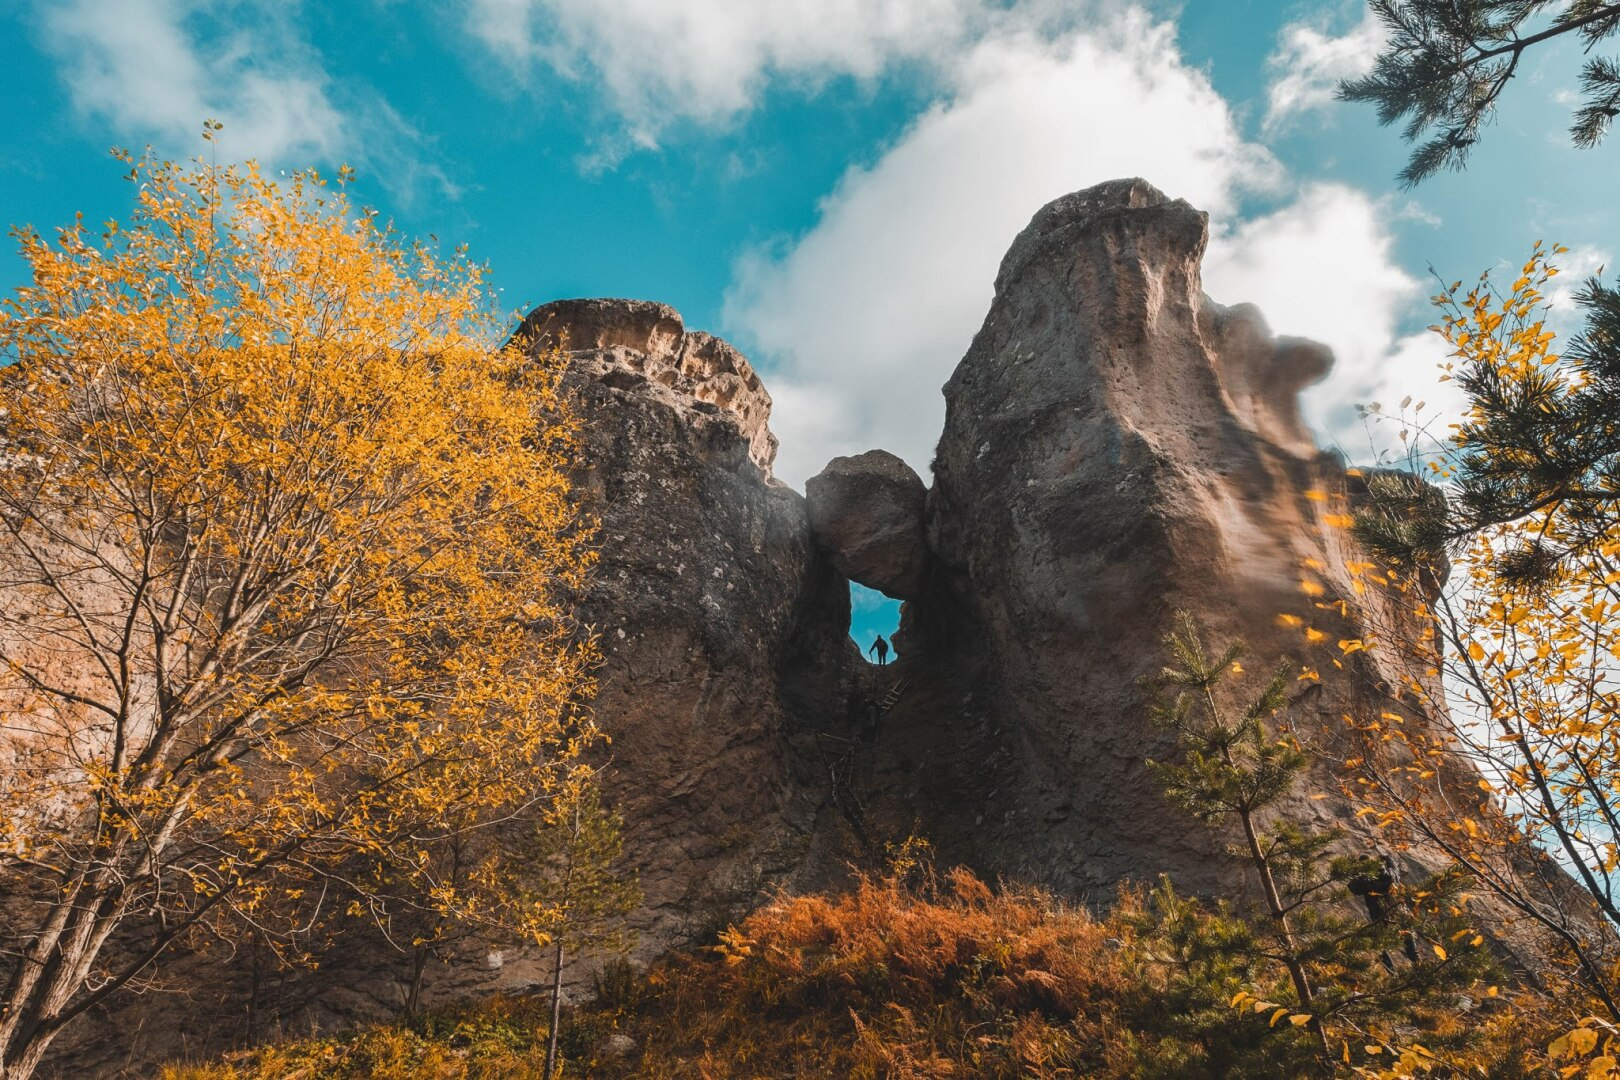 Къща за гости Кабата - Белинташ: Караджов камък